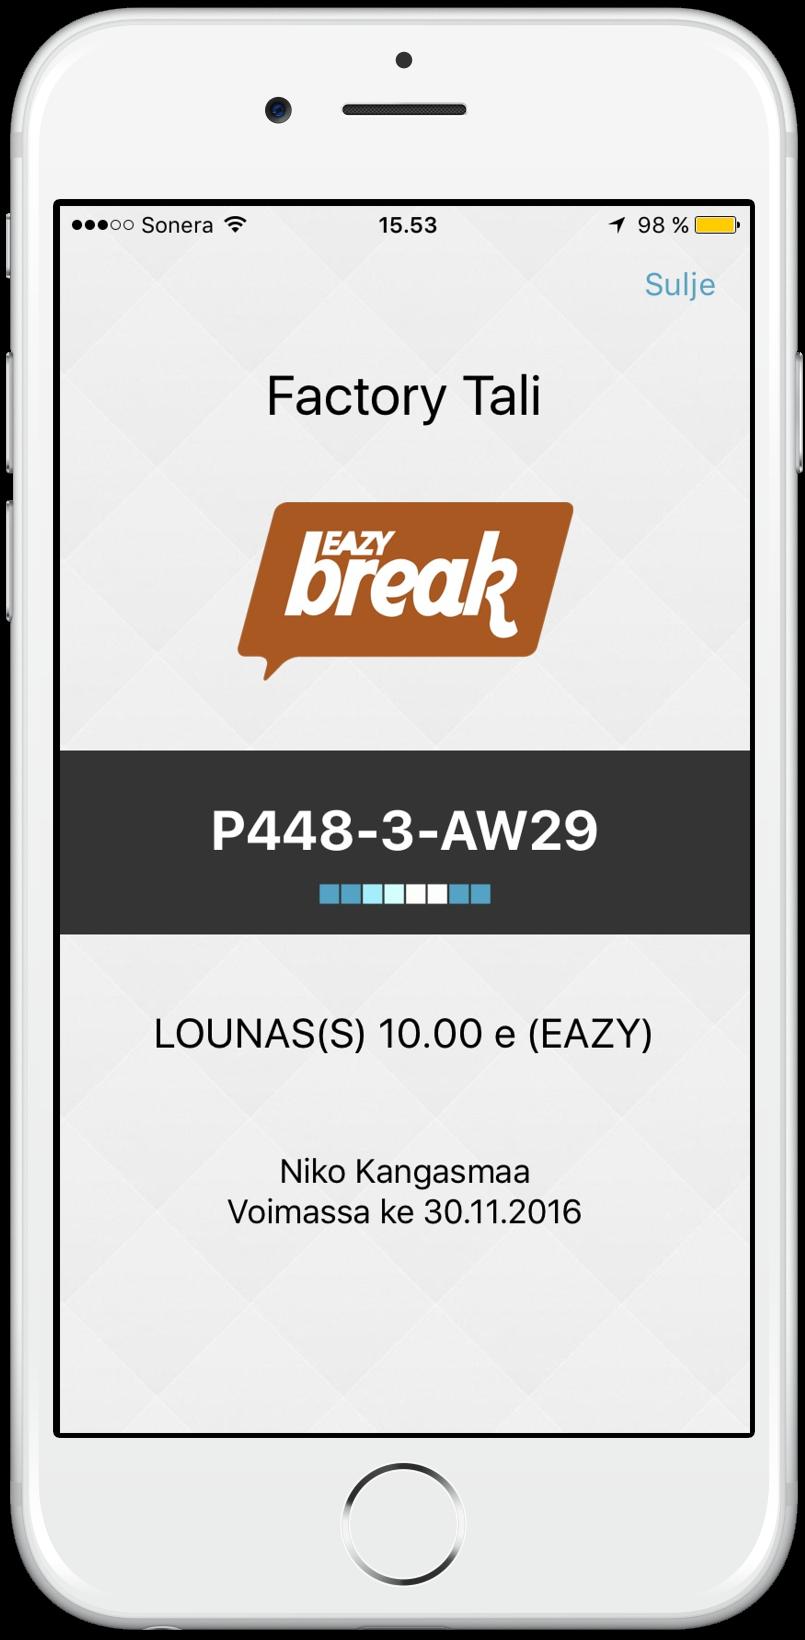 Eazybreak mobiiliseteliin lisätty liikkuva elementti